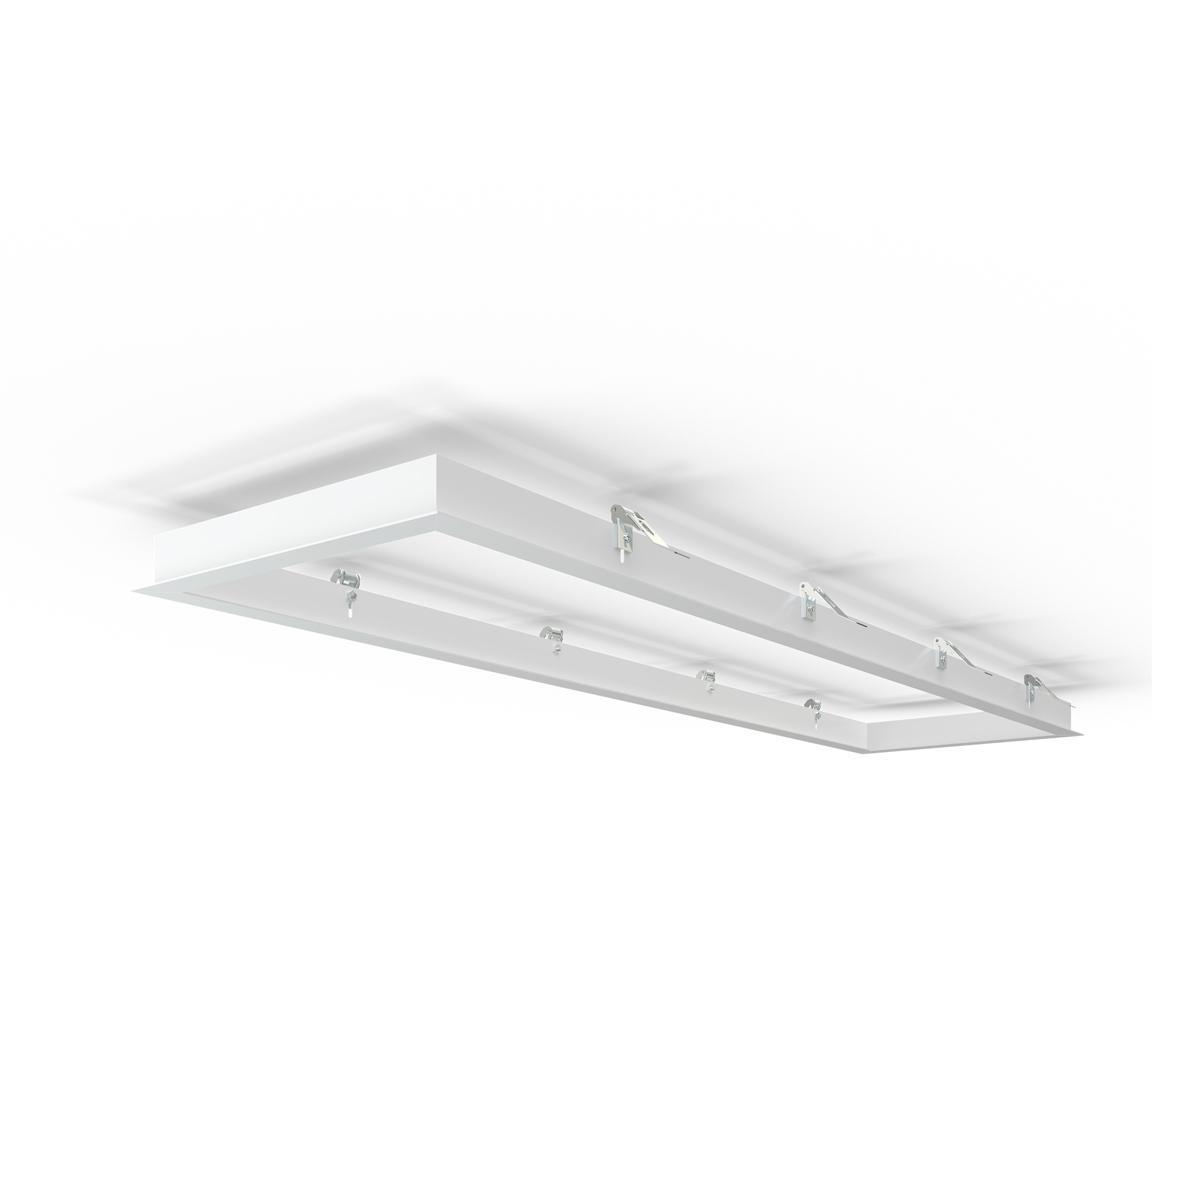 LED Panel Einbaurahmen 150x30cm weiß Deckeneinbau Montagerahmen für Rigipskartondecke